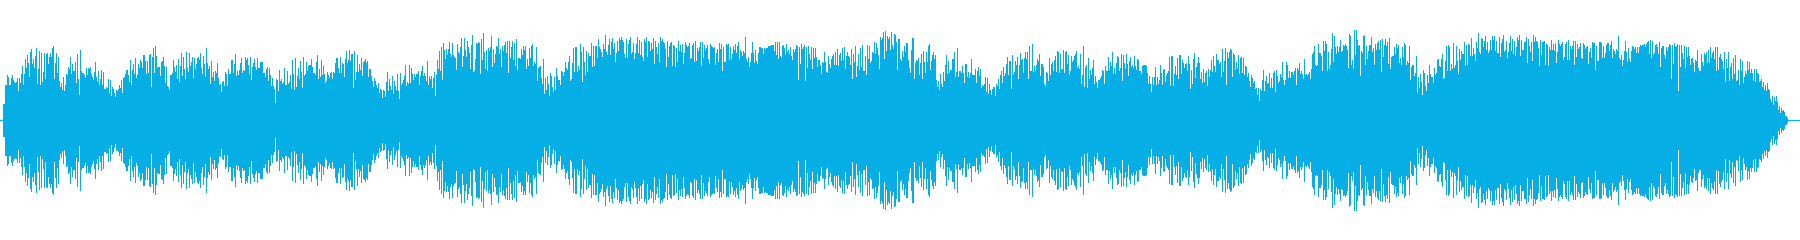 柔らかいイメージの黄昏音の再生済みの波形